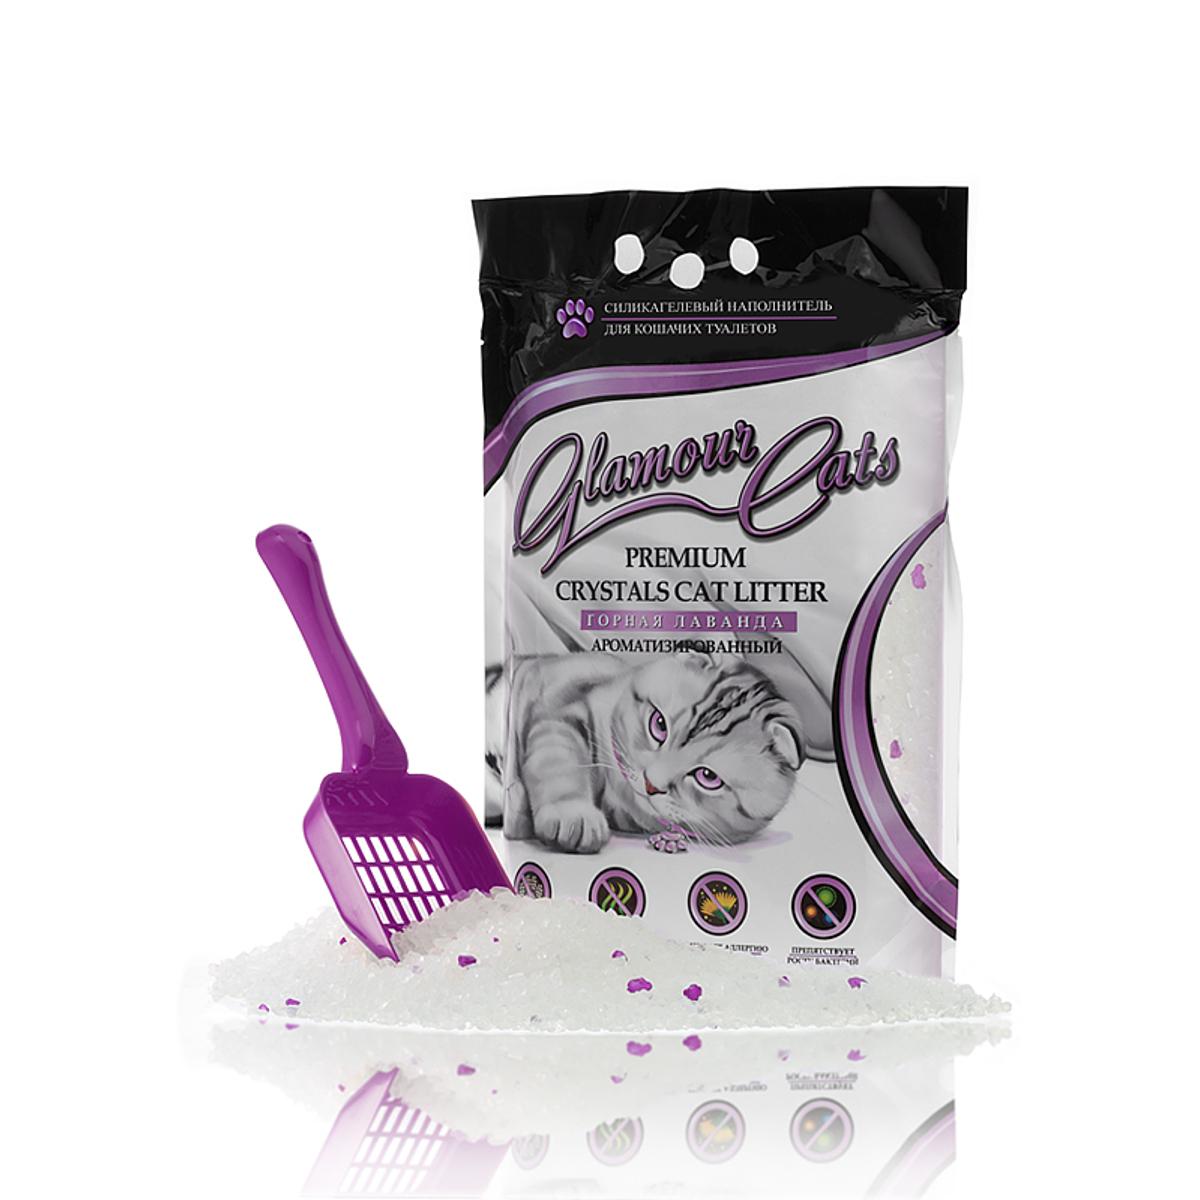 Наполнитель силикагелевый Glamour Cats лаванда, 3,8 л (1,7 кг)0120710Силикагель с добавкой ароматизаторов (лаванда)Ароматизированный силикагелевый наполнитель изготавливается из 100%натурального биологического вещества с добавлением природных ароматических кристаллов (лаванда). Микроструктура ароматизированного наполнителя поглощает до 100 % всего объема запаха, быстро впитывает жидкость, препятствует распространению БАКТЕРИЙ в лотке. Ароматизированные кристаллы сохраняют свежий аромат лаванды в течение всего время использования в лотке, что позволяет сохранить воздух в вашем доме чистым и свежим. Наполнитель безопасен для окружающей среды и не вызывает аллергии у людей и животных. Природный экстракт лаванды весьма любим подавляющим числом кошек. Особенности:1. Это революционный прорыв среди наполнителей, в нейтрализации и в контроле над запахом. Обладает способностью замыкать неприятные запахи внутри кристаллов. Выделение запахов из использованного наполнителя в 5 раз меньше по сравнению с лучшими наполнителями, что доказано лабораторными тестами. 2. Поглощающая способность высшего качества благодаря адсорбирующим свойствам и пористой структуре силикагеля. Кристаллы впитывают влагу в течение секунд и не допускают испарения в атмосферу. 3. Предотвращает рост бактерий. Обладает бактерицидными и дезинфицирующими свойствами, способствует устранению болезнетворных микроорганизмов и бактерий. 4. Безопасен. Экологически чистый продукт. Нетоксичен. Безвкусен, не вызывает аллергии. Не наносит загрязнений окружающей среде. 5. Экономичное потребление. Упаковки объемом 3, 8 литра хватает одной кошке на месяц. 6. Удобен в использовании. Кристаллическая форма гранул позволяет минимизировать разбрасывание. Мягкий для кошачьих лапок. Богатая пористая структура. Лоток вашего любимца всегда будет свеж и чист. Легко и удобно убирать. Ваша кошка легко привыкнет! Но если у неё возникнут трудности, попробуйте в течение 1 недели смешивать новый наполнитель с тем, которым Вы пользовались 